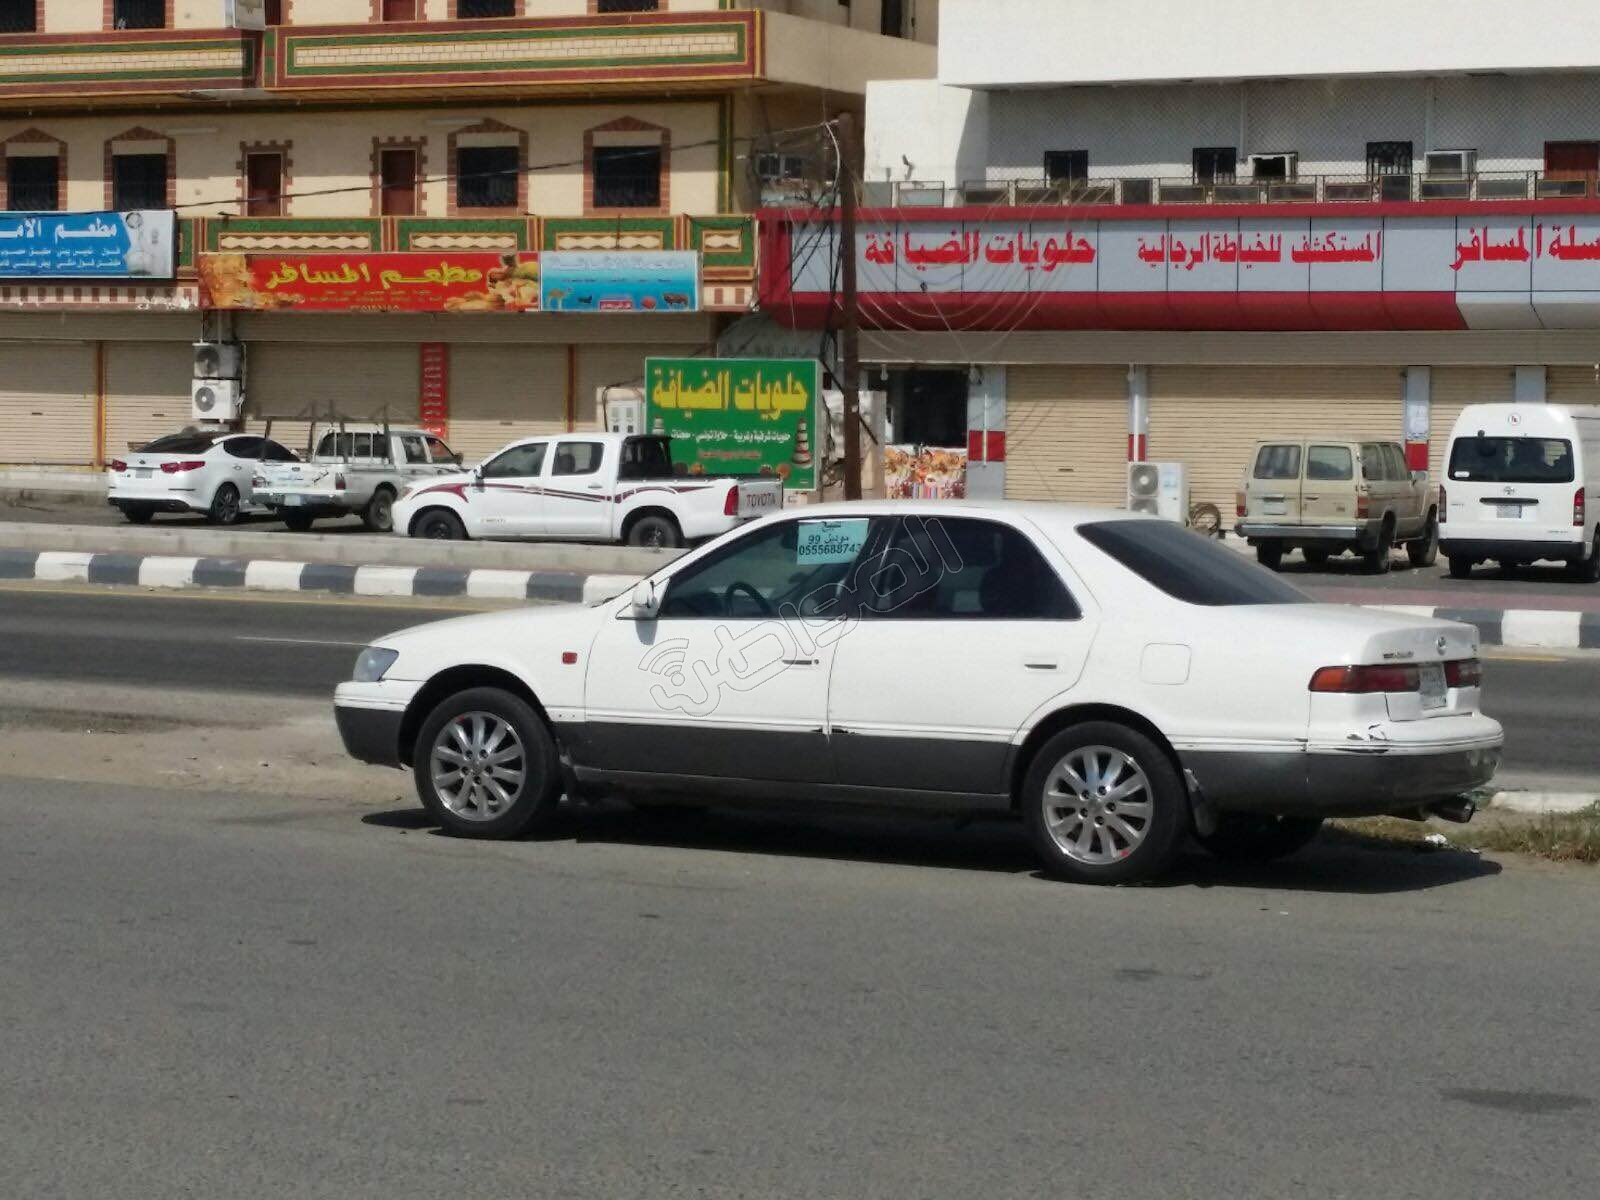 شارع بـ #العرضيات يتحول لموقع لبيع السيارات المستعملة (4)